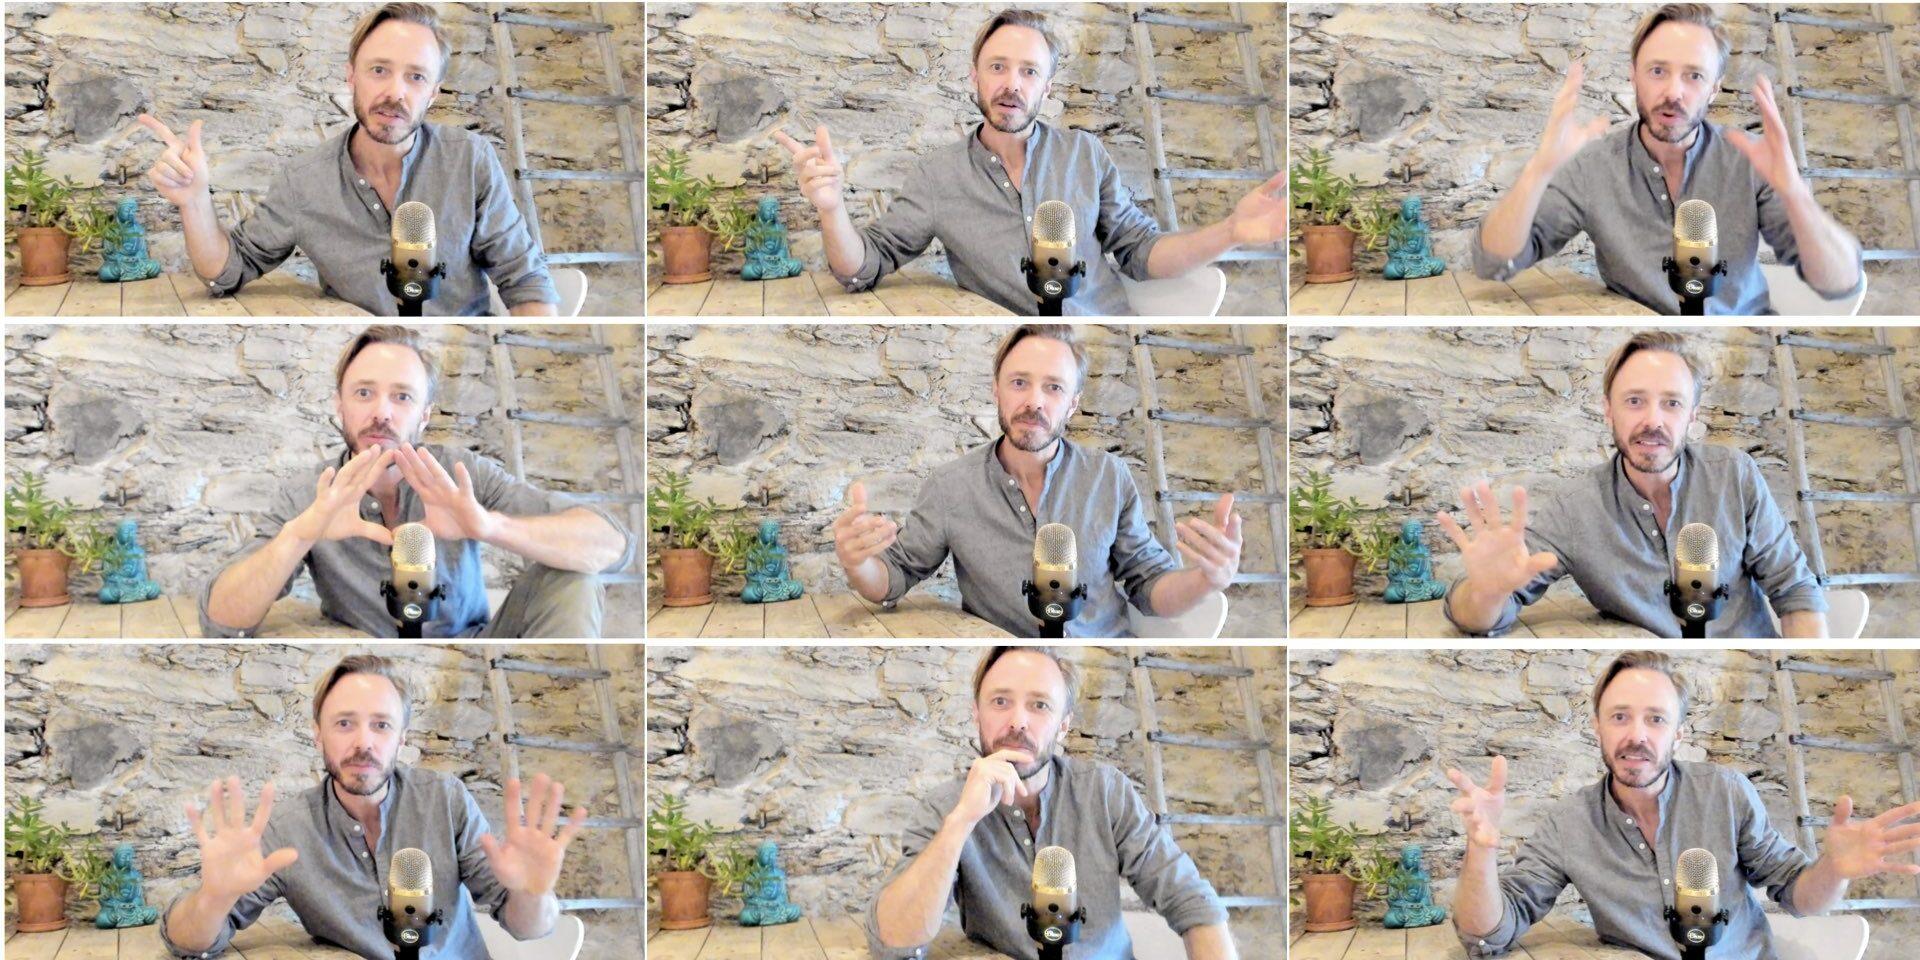 Videomöten handgester retorik